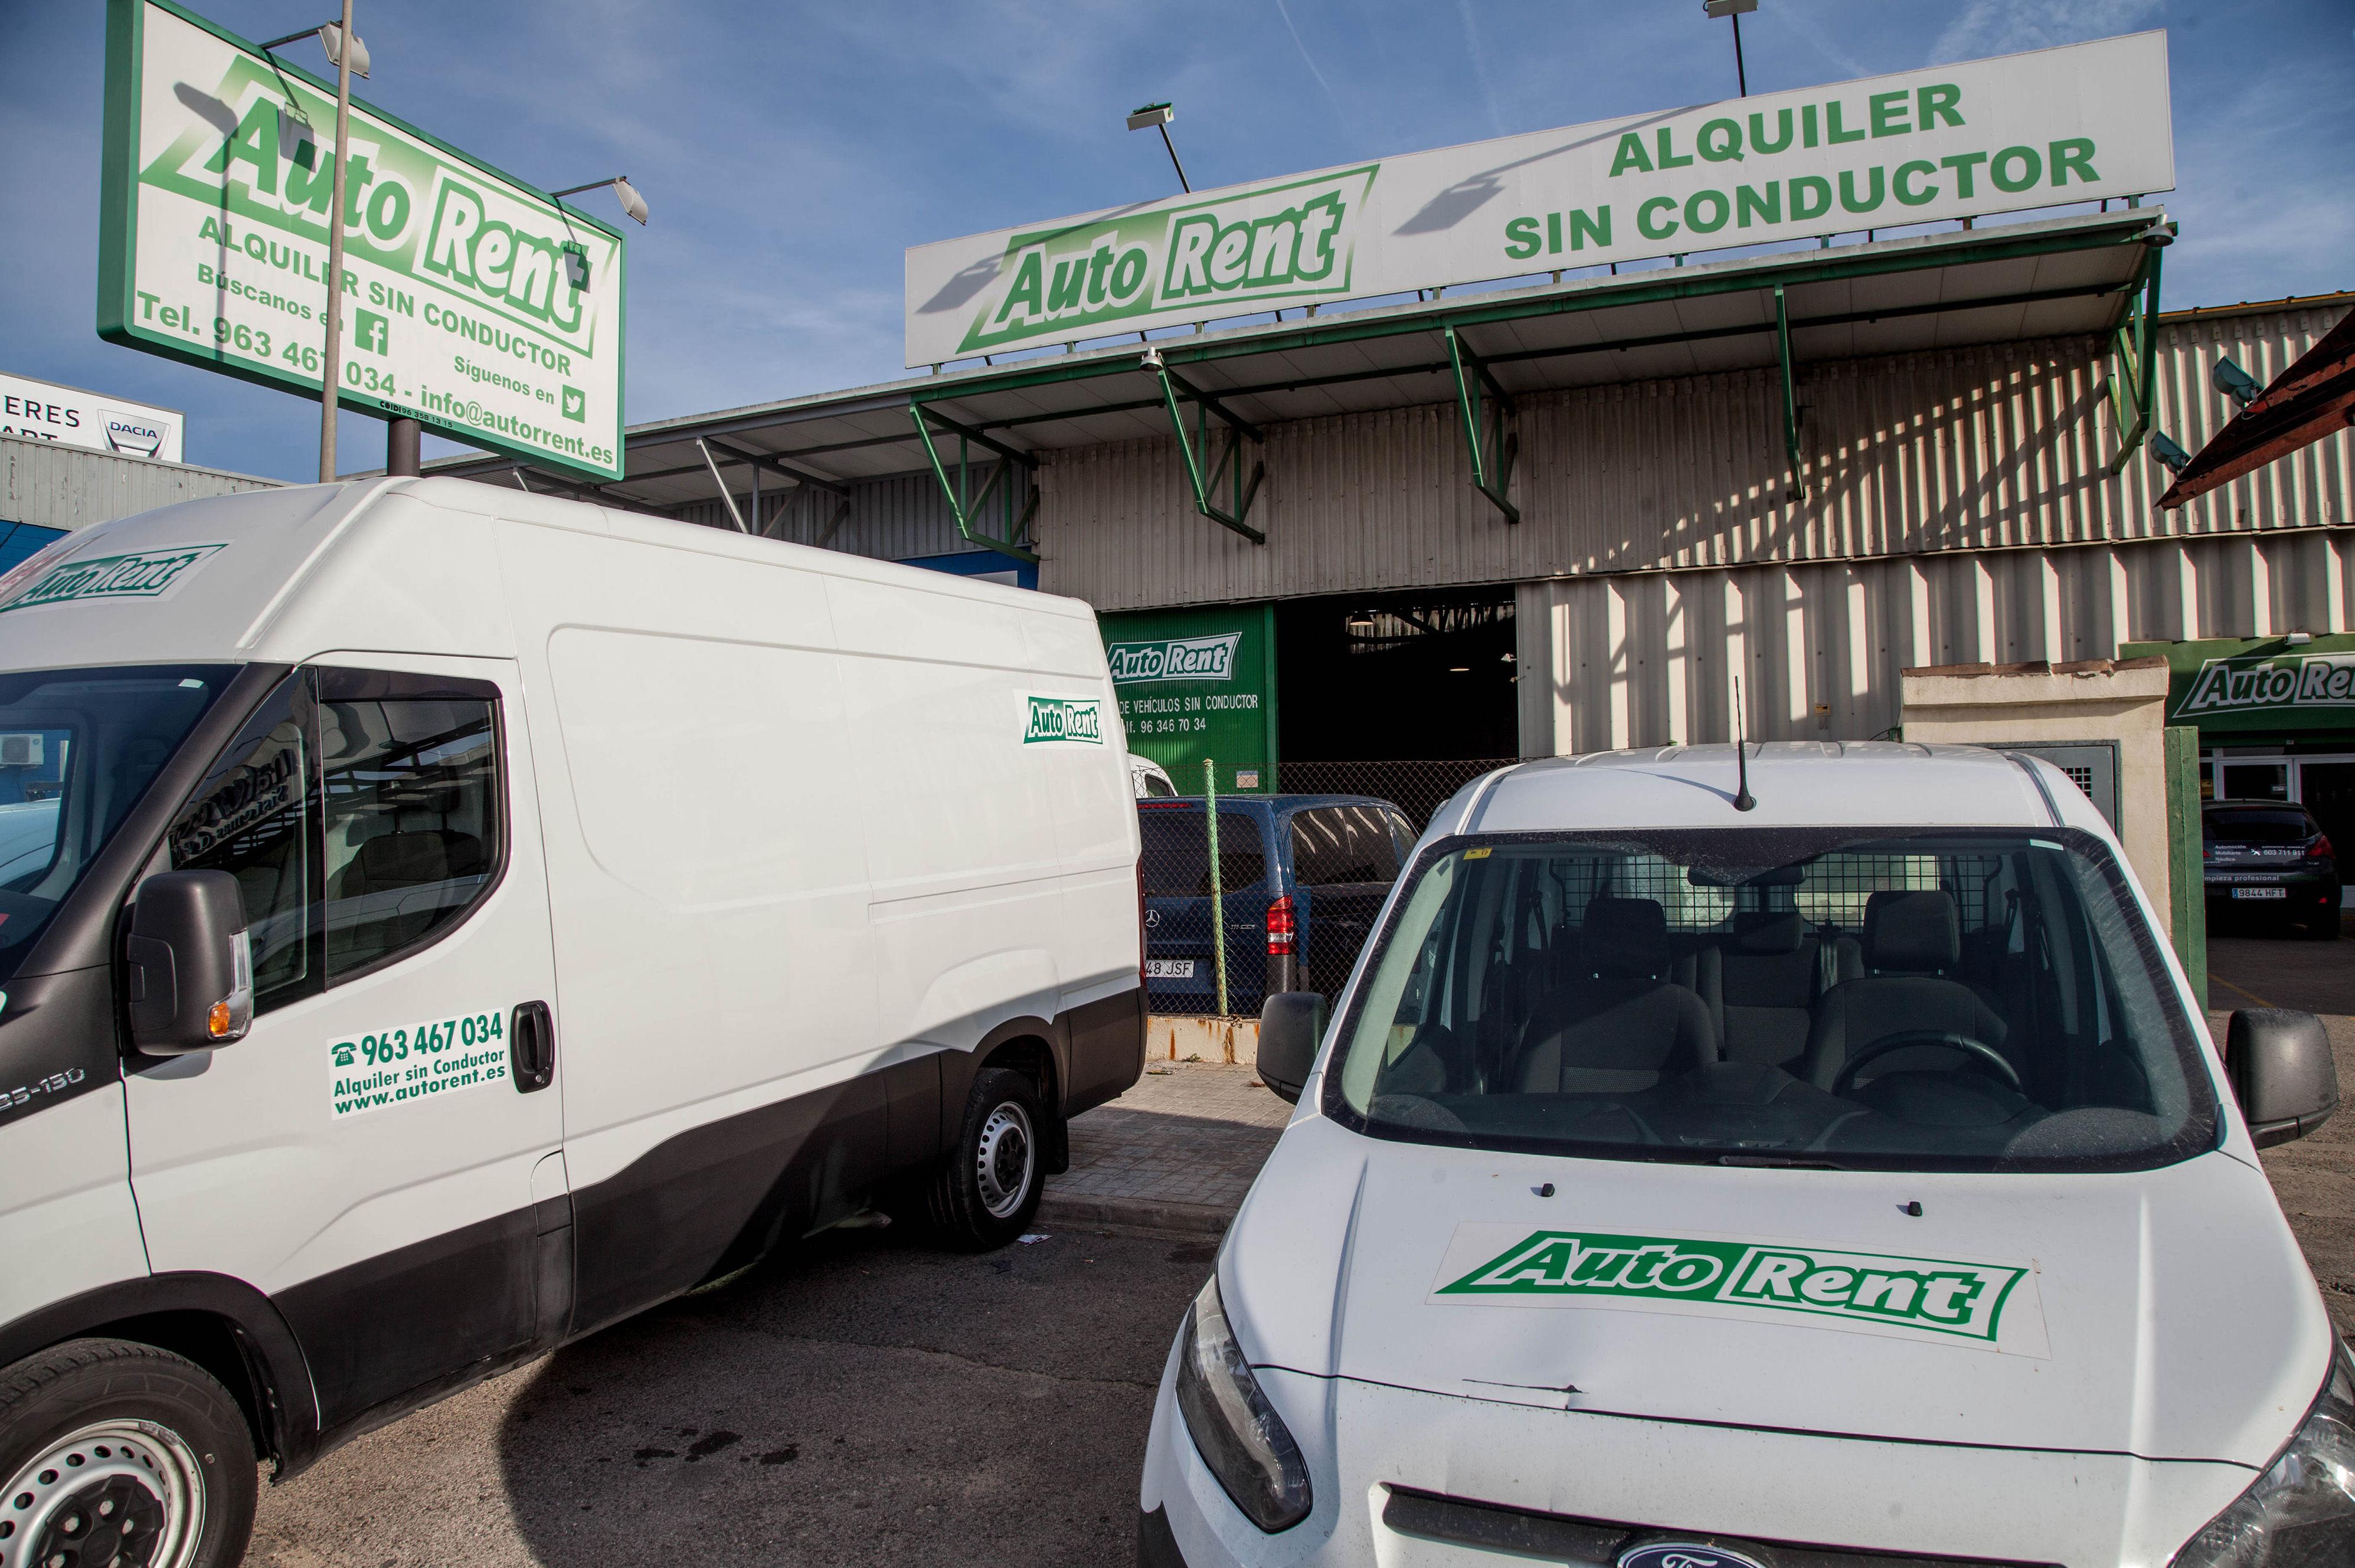 Alquiler de turismos y furgonetas económicos en Valencia